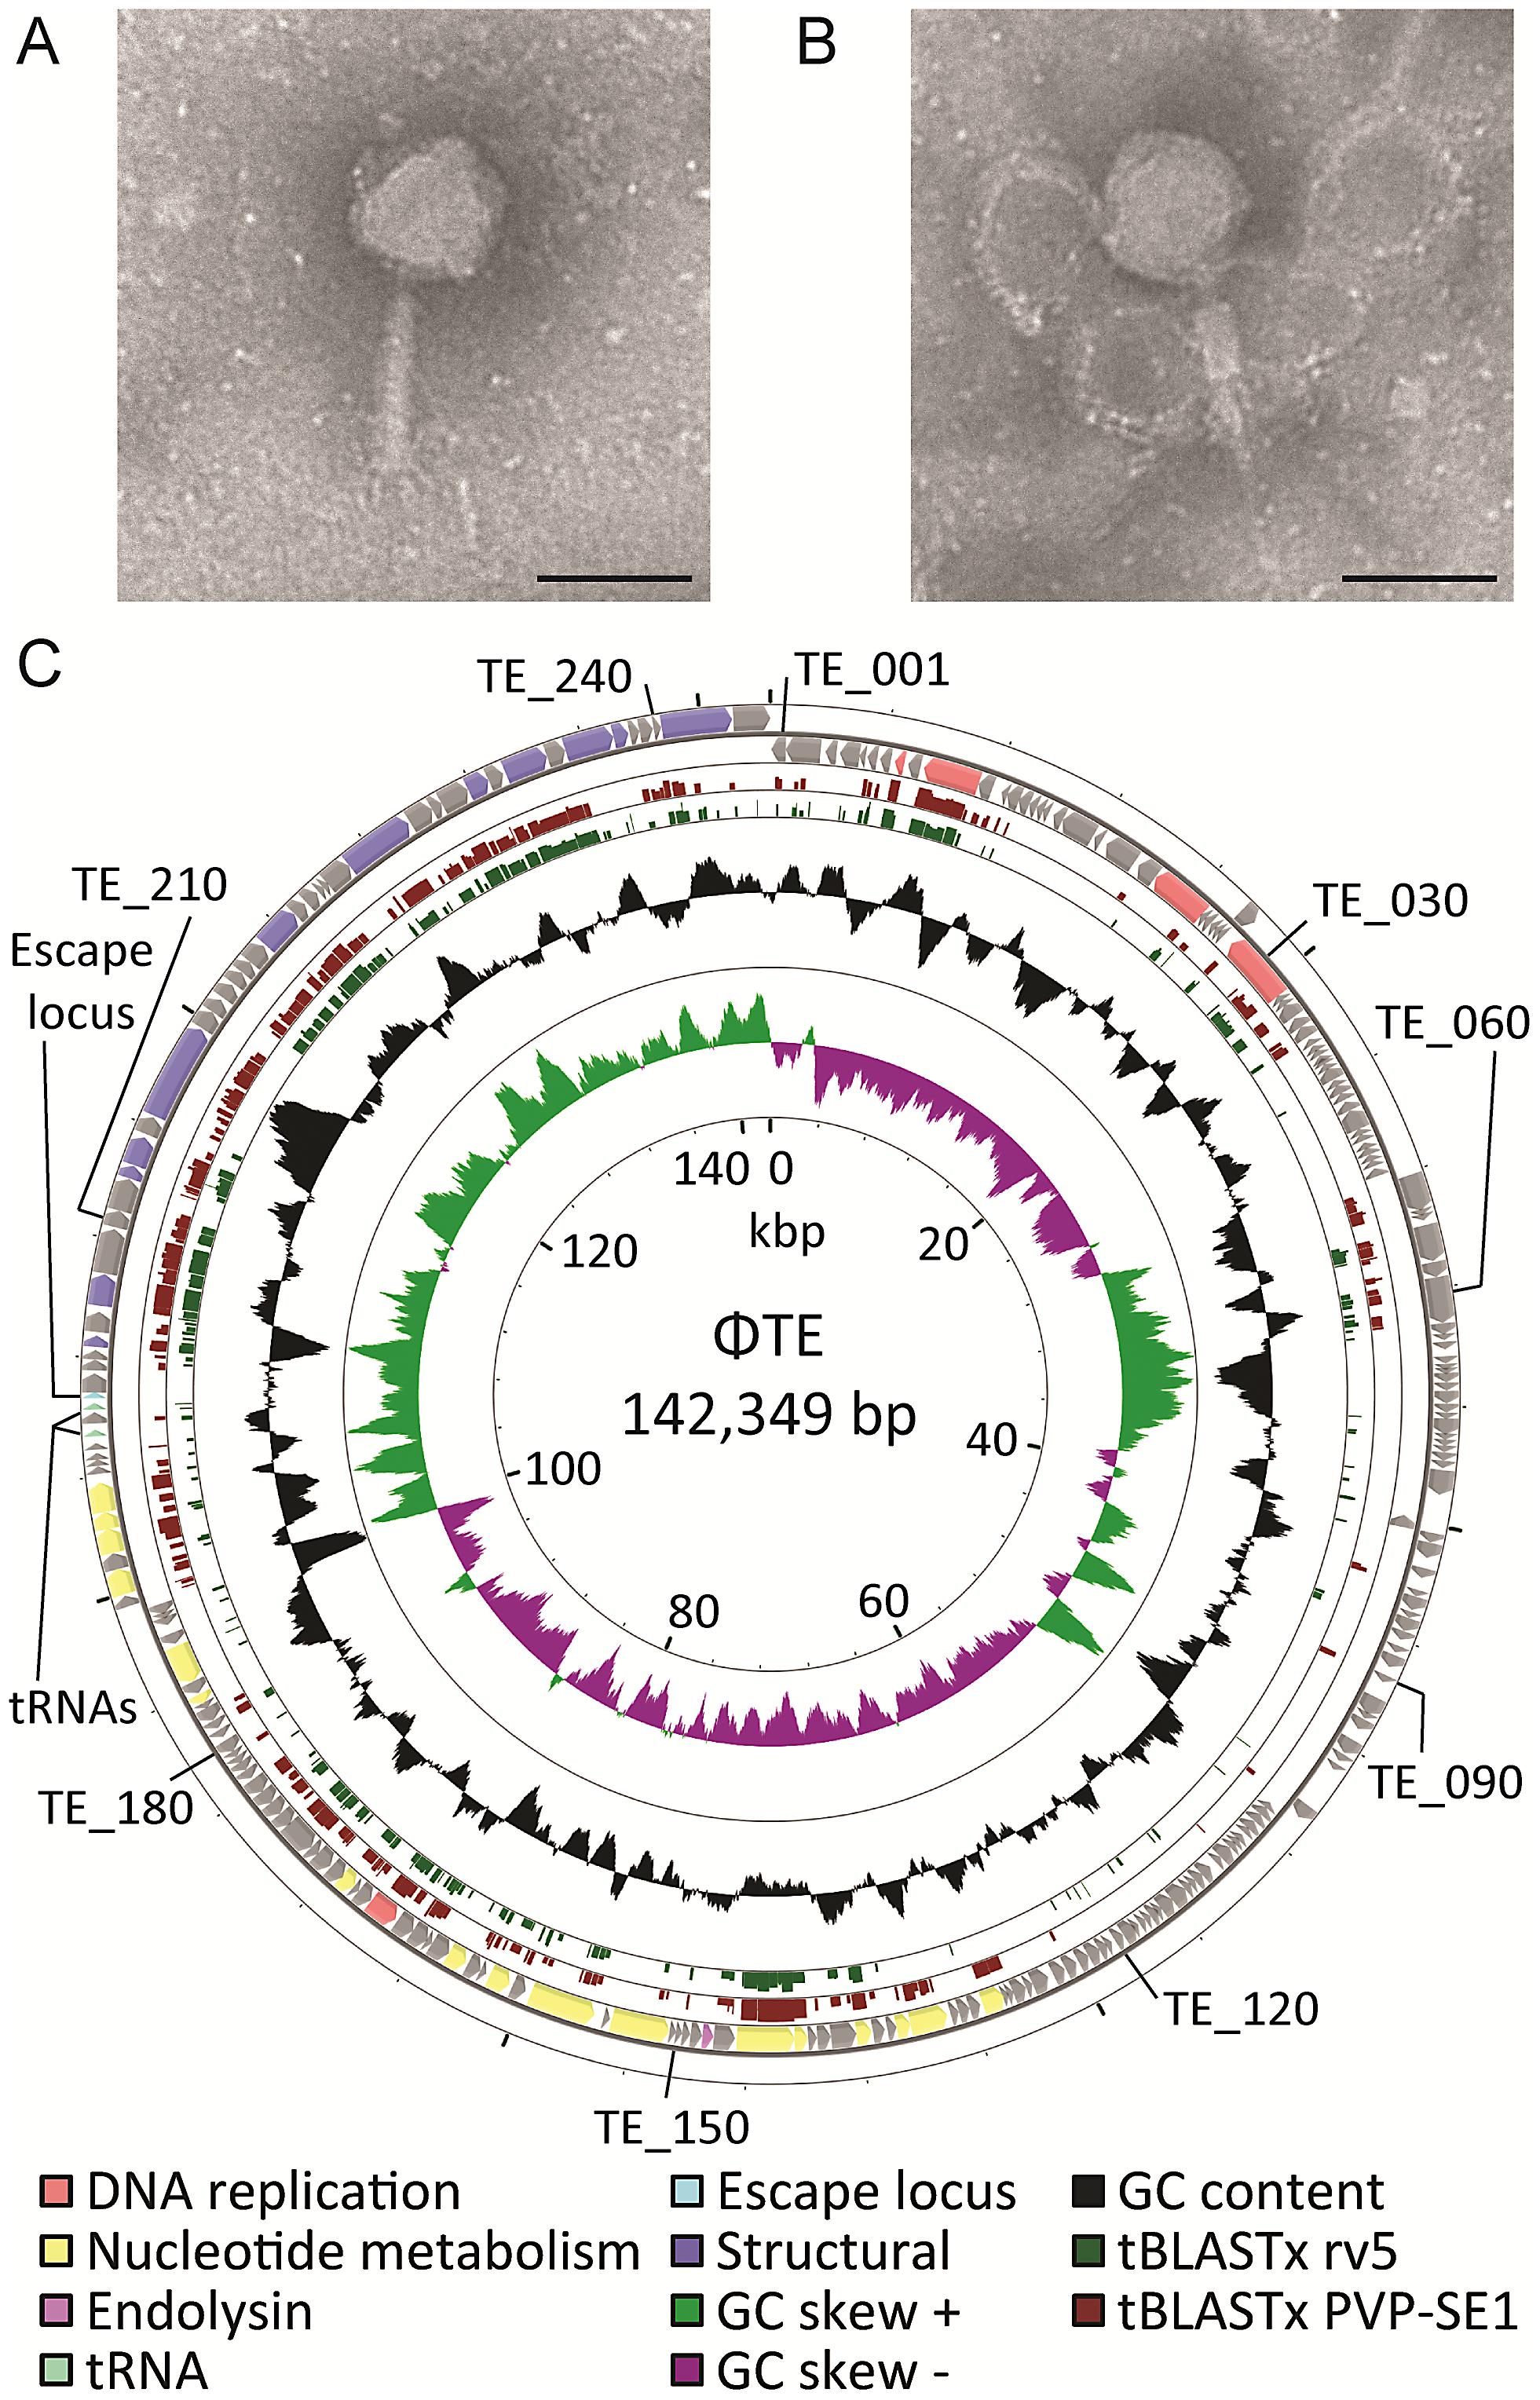 ΦTE morphology and genome overview.